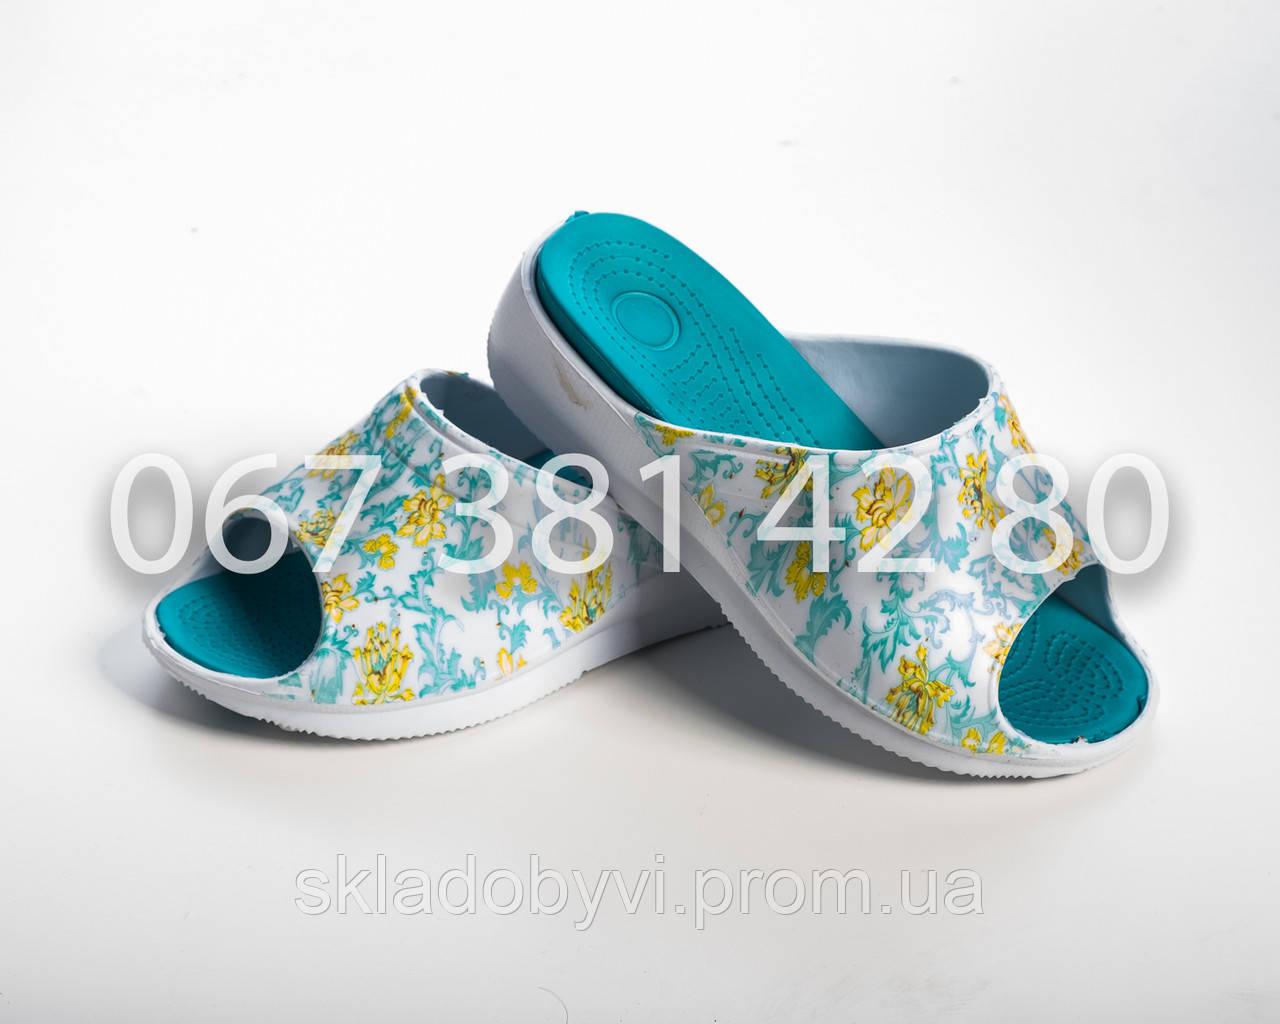 cbc467e0d Шлепанцы летние женские оптом DG 14022 бирюза - Оптовый склад по продаже  обуви в Хмельницком